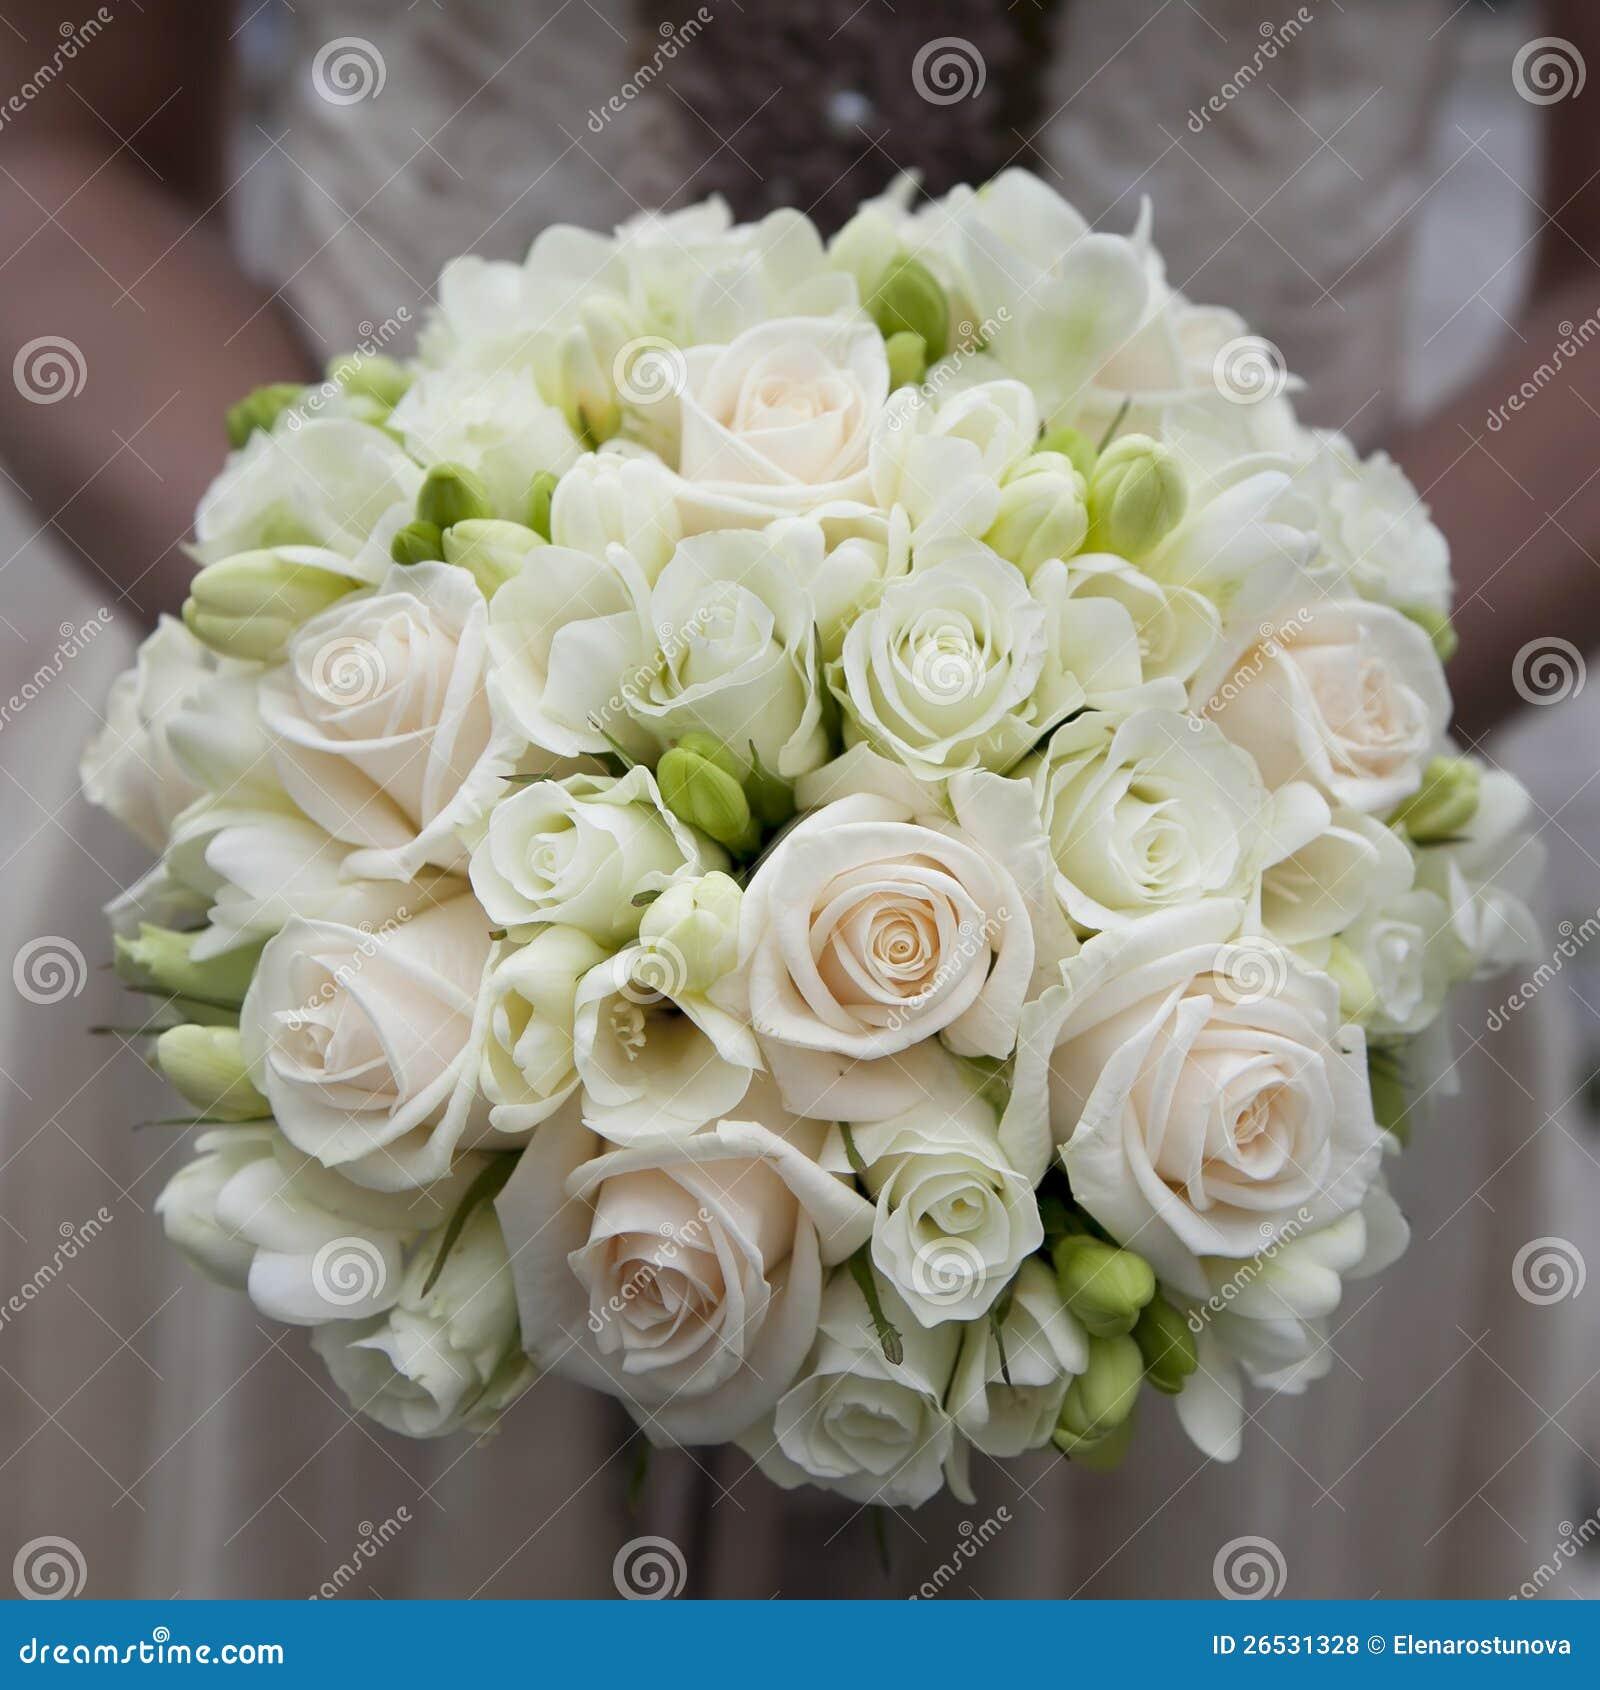 Wedding Flowers White Roses